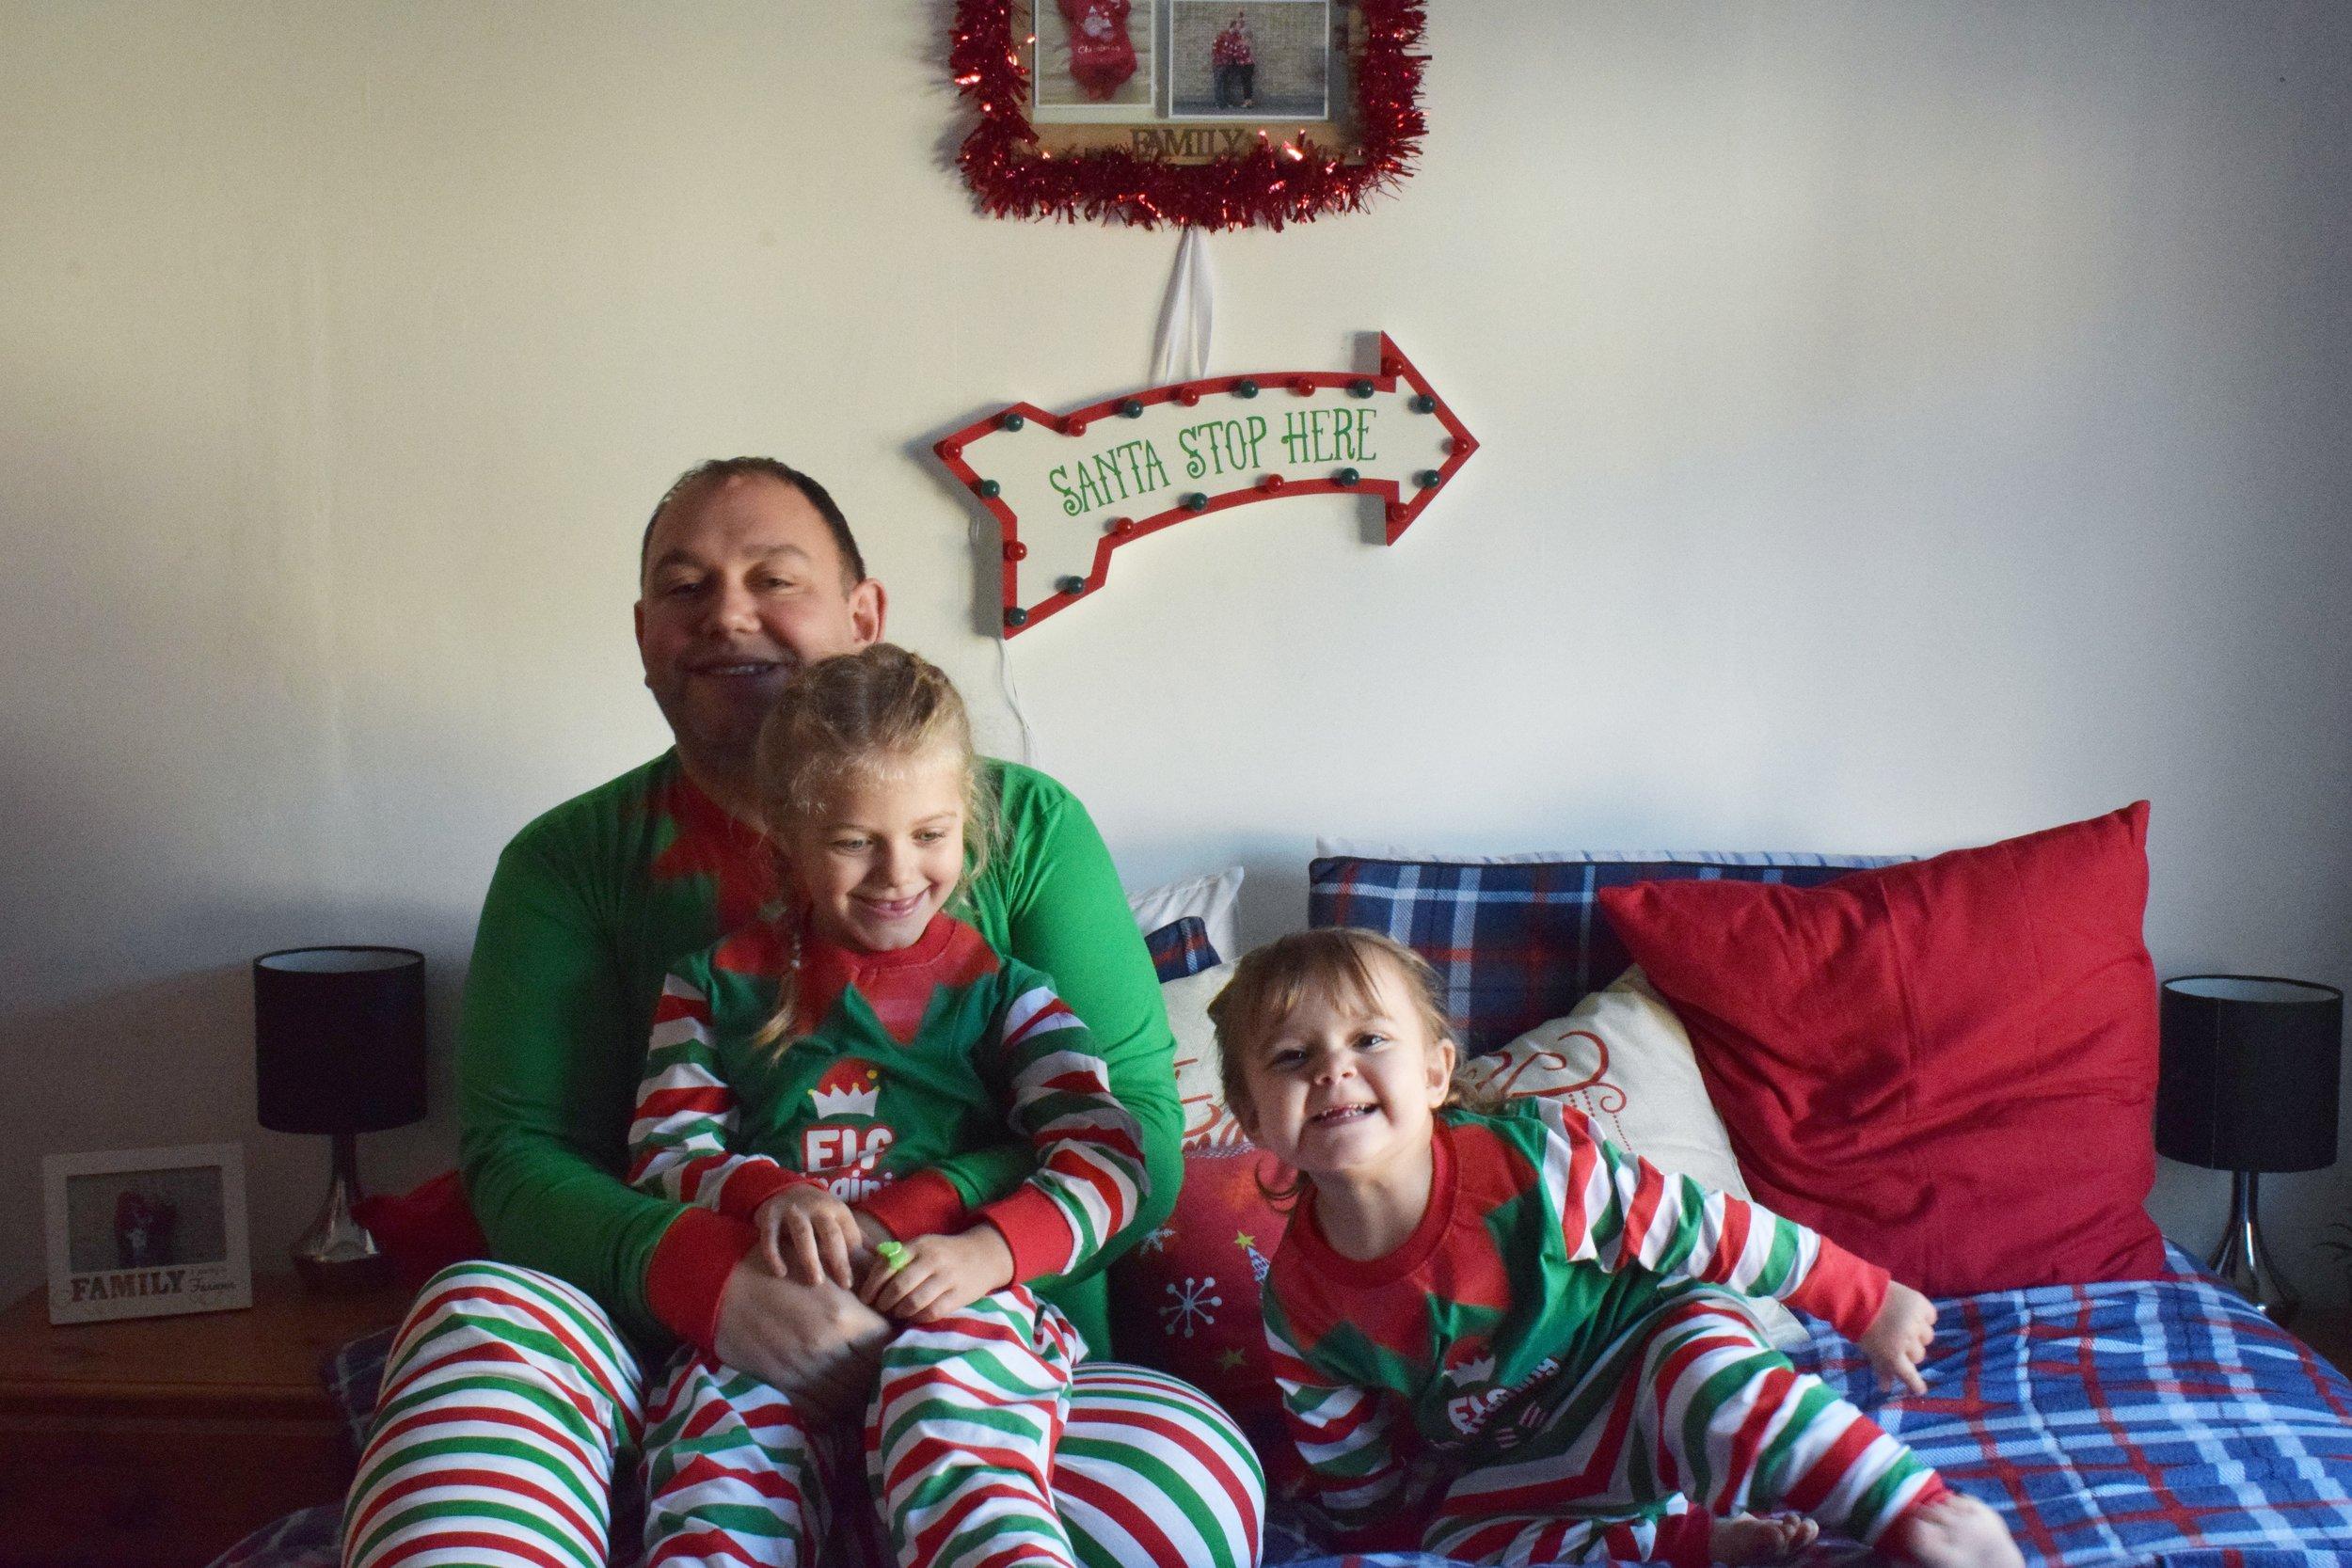 Matching family Christmas elf pyjamas from The Pyjama Factory